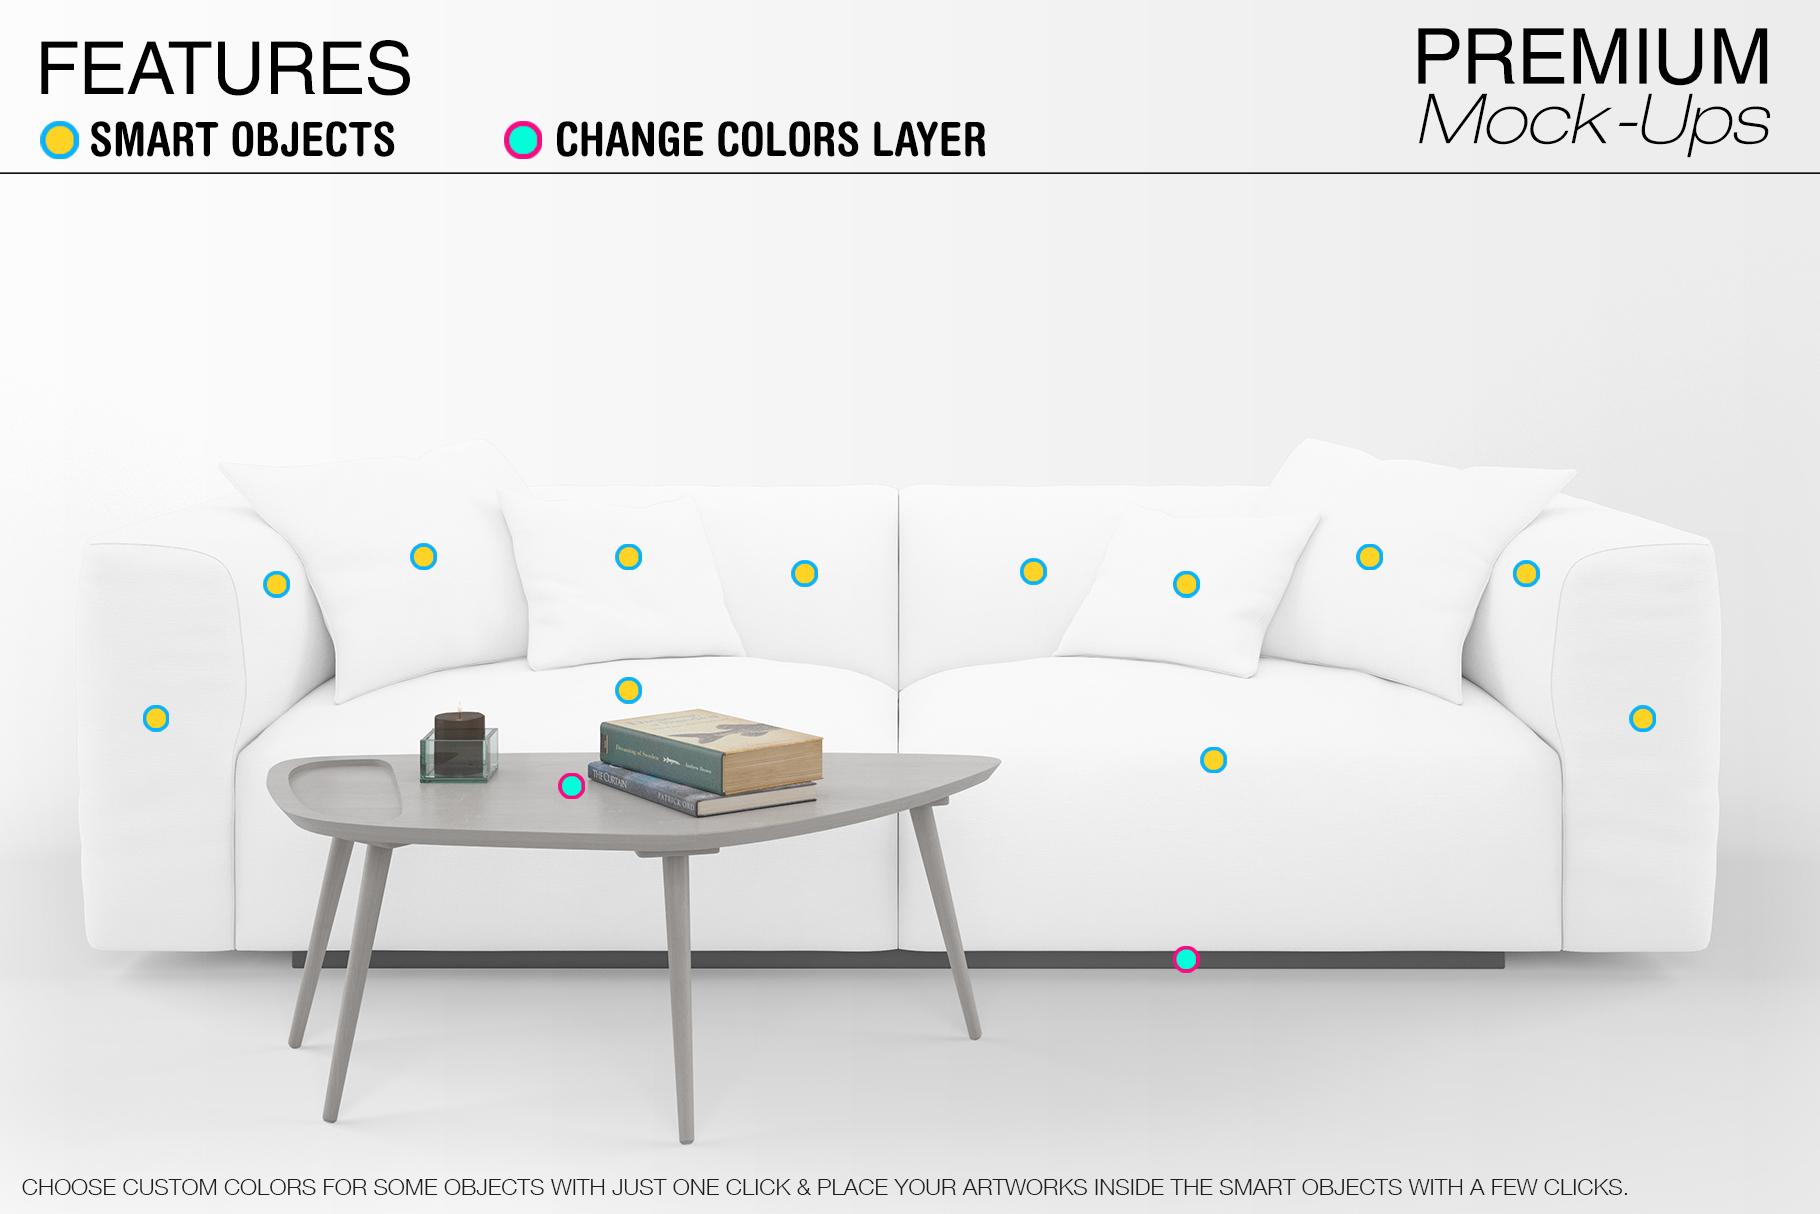 Sofa & Pillows Mockup Pack example image 6